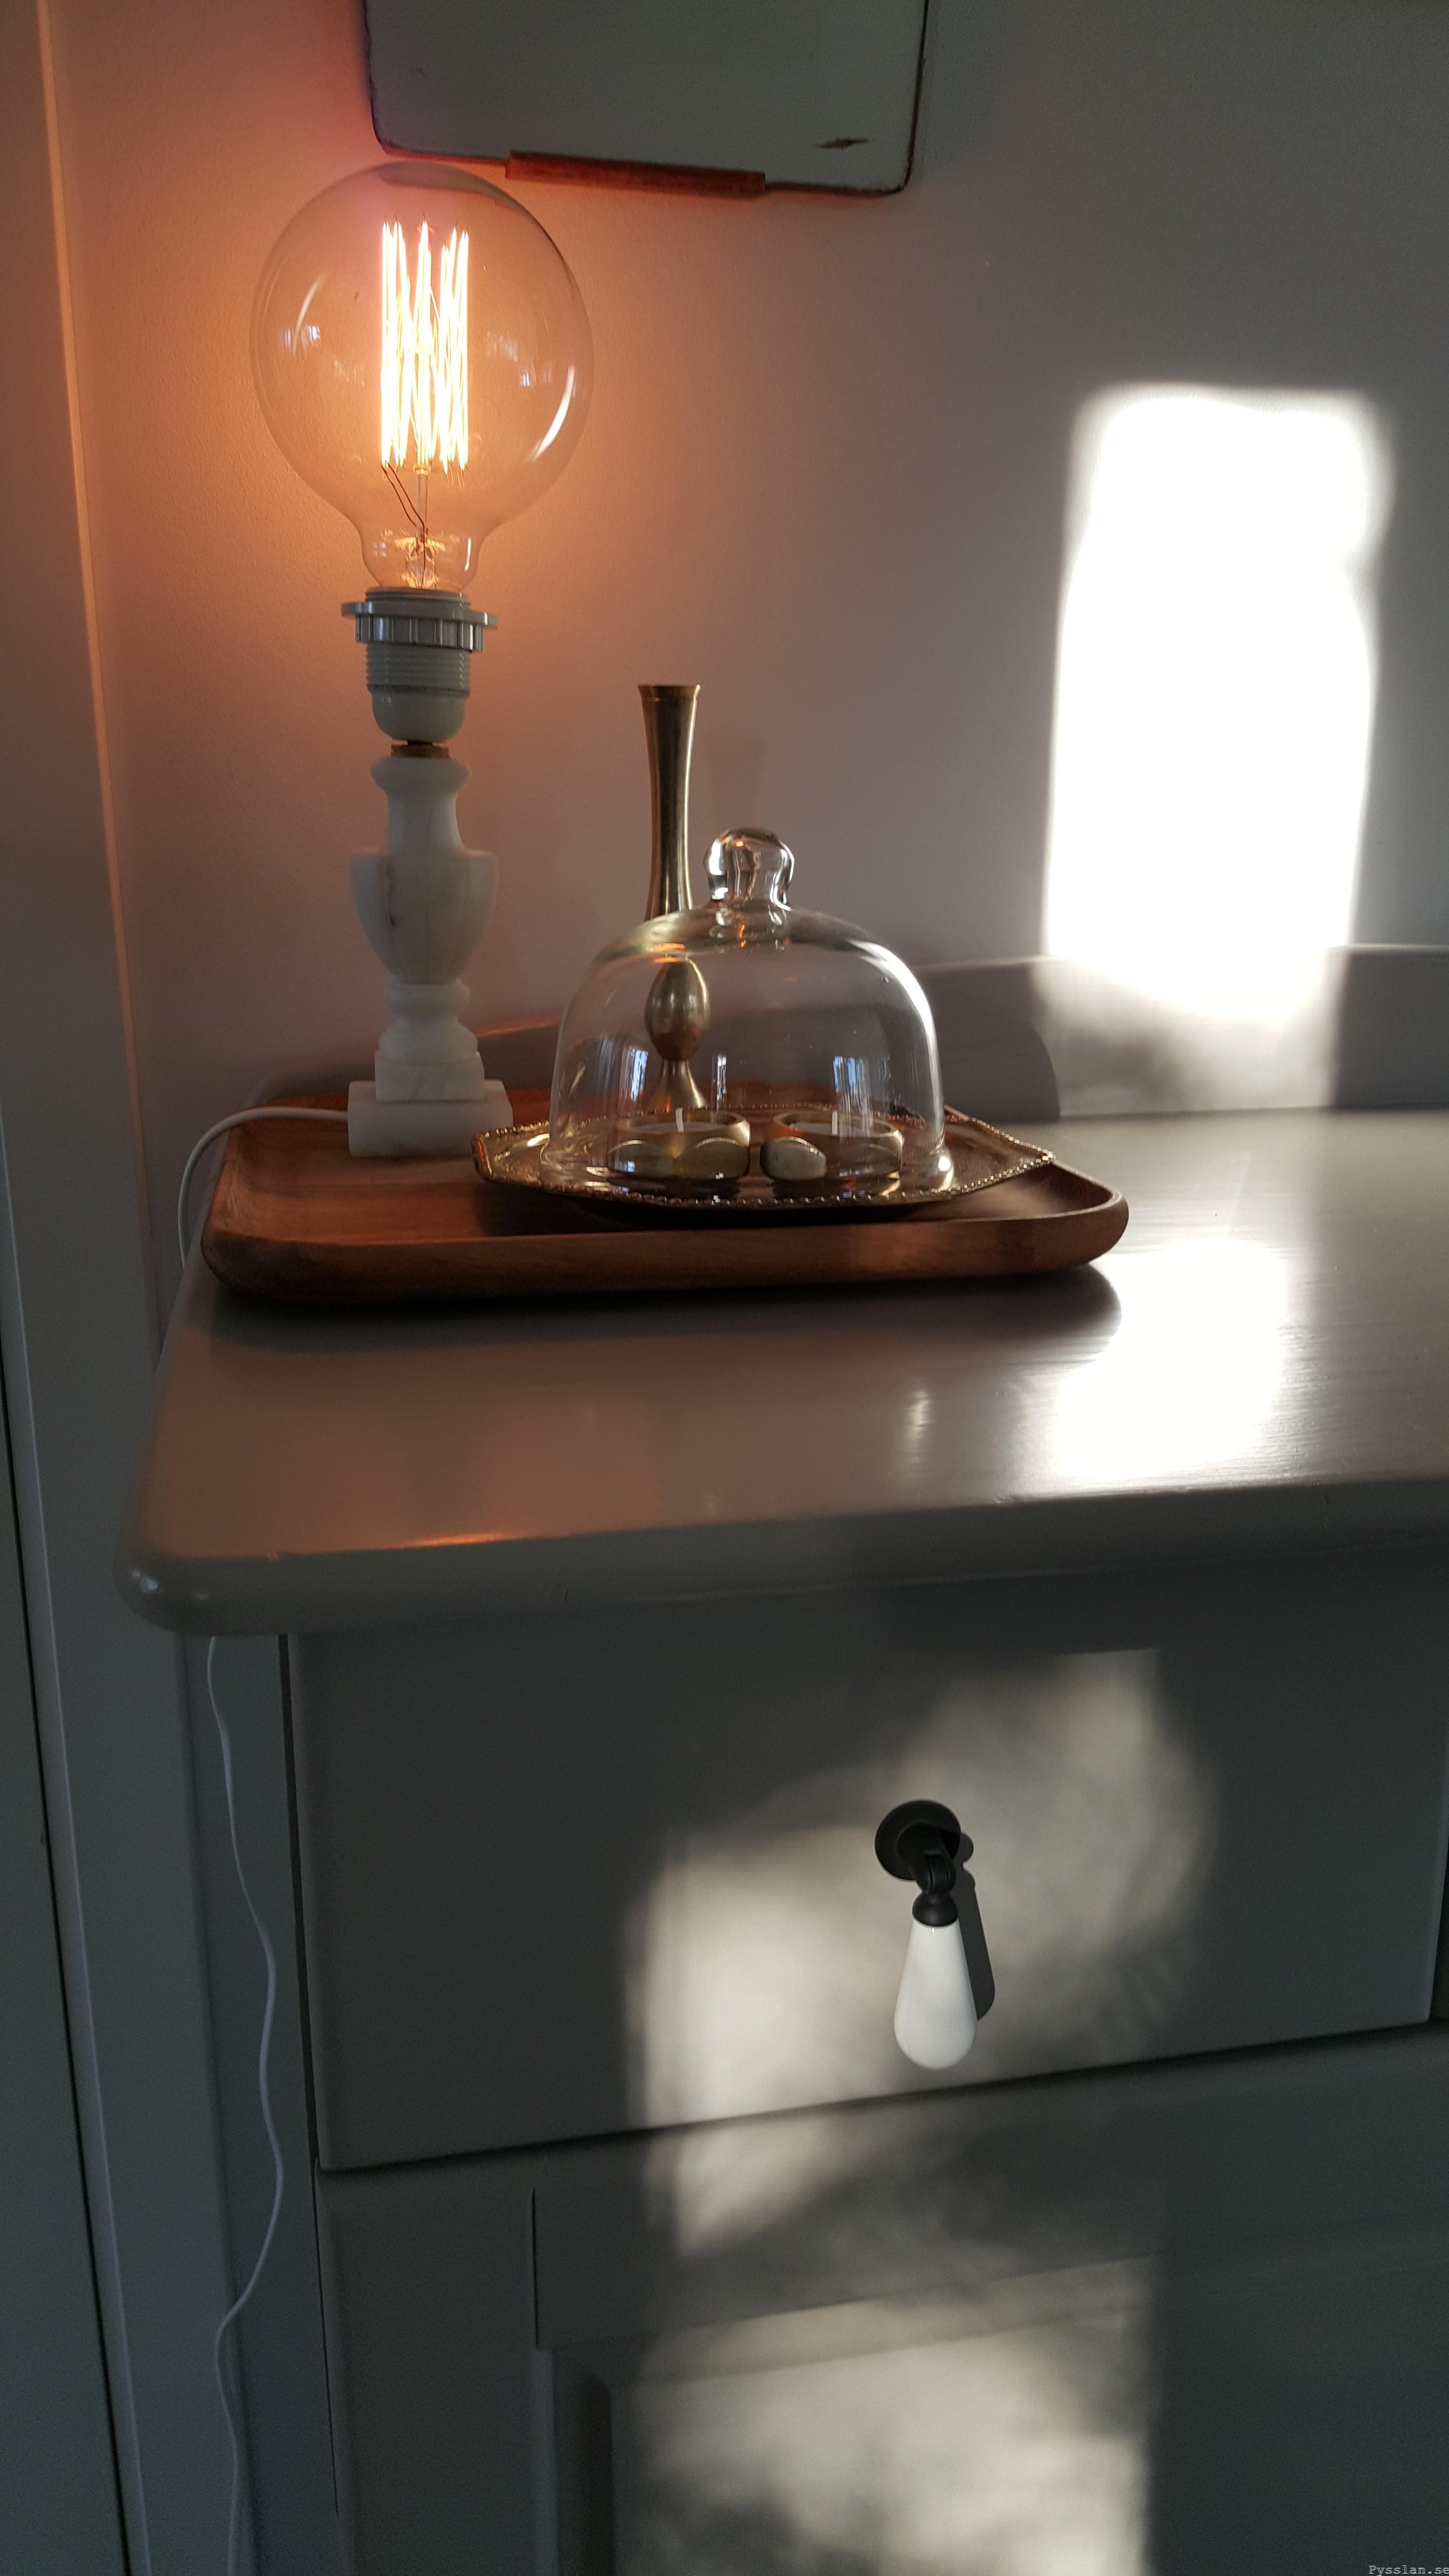 Uppcykling furuskänk, nytt liv modern snygg grå dropphandtag silleben marmor mässing teakspegel pysslan blogg